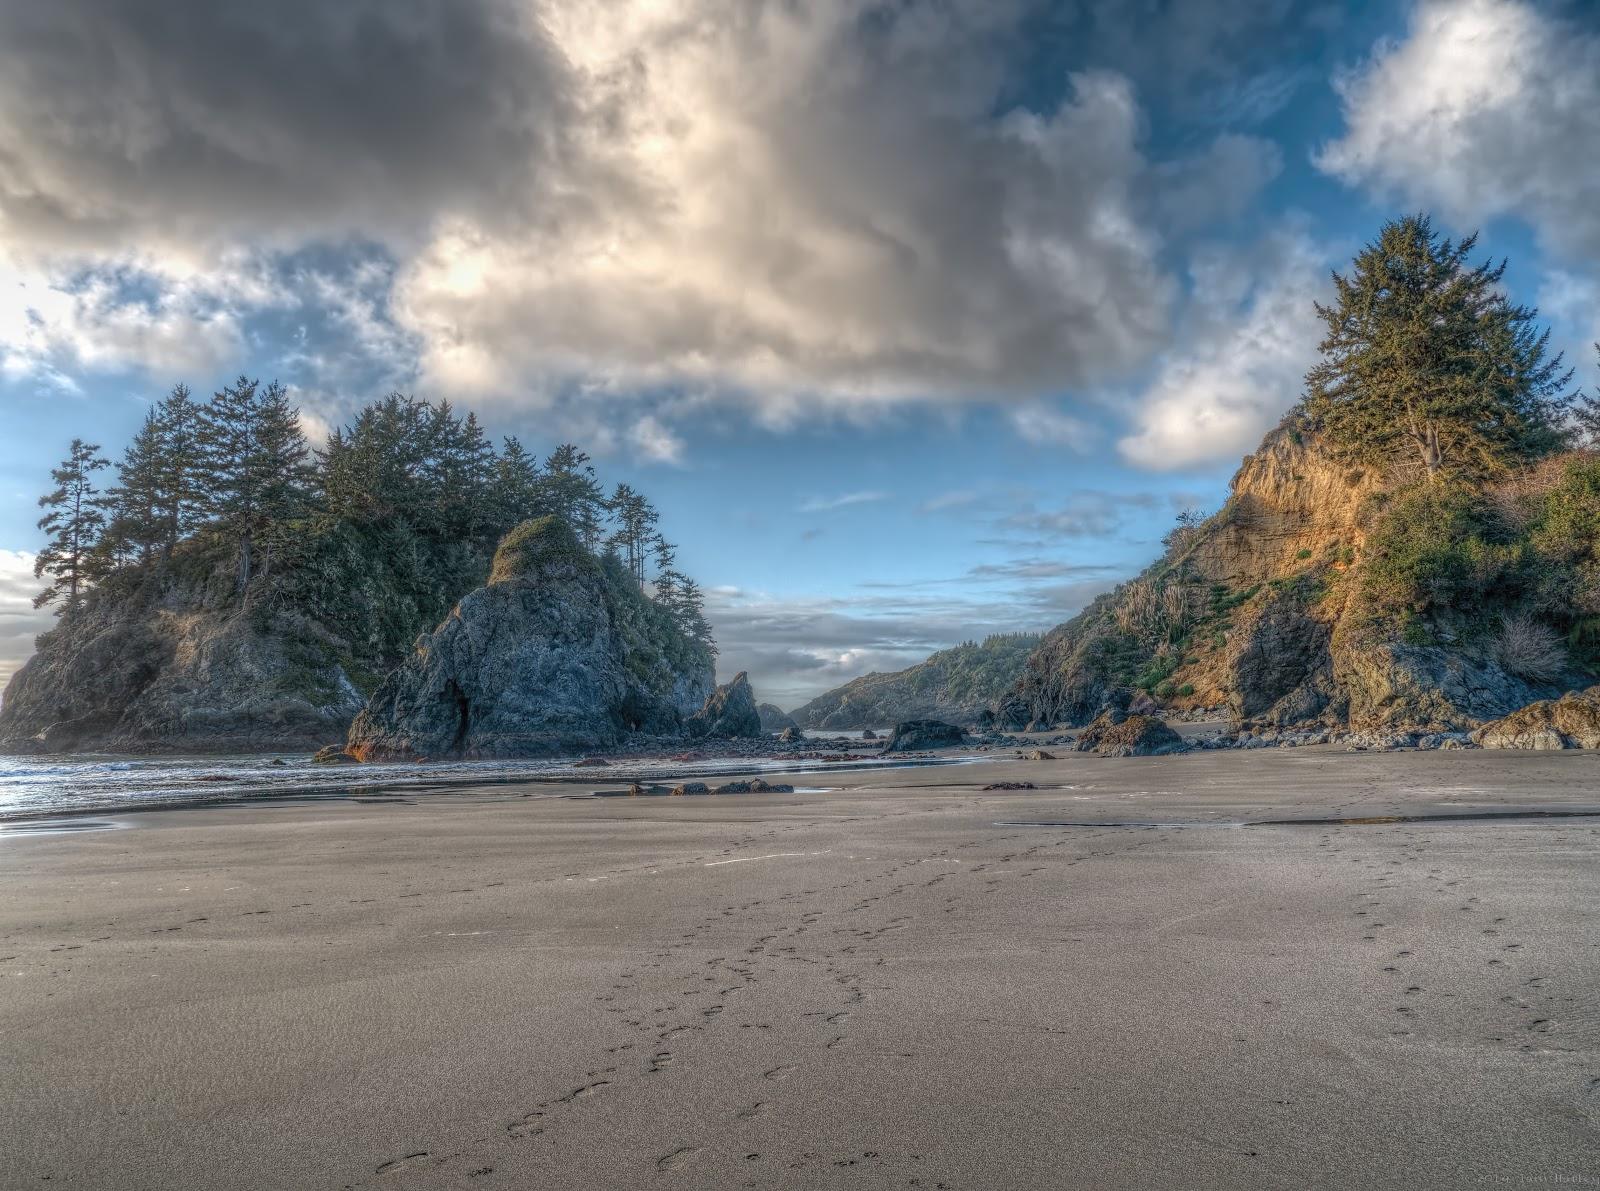 HDR Beach photo